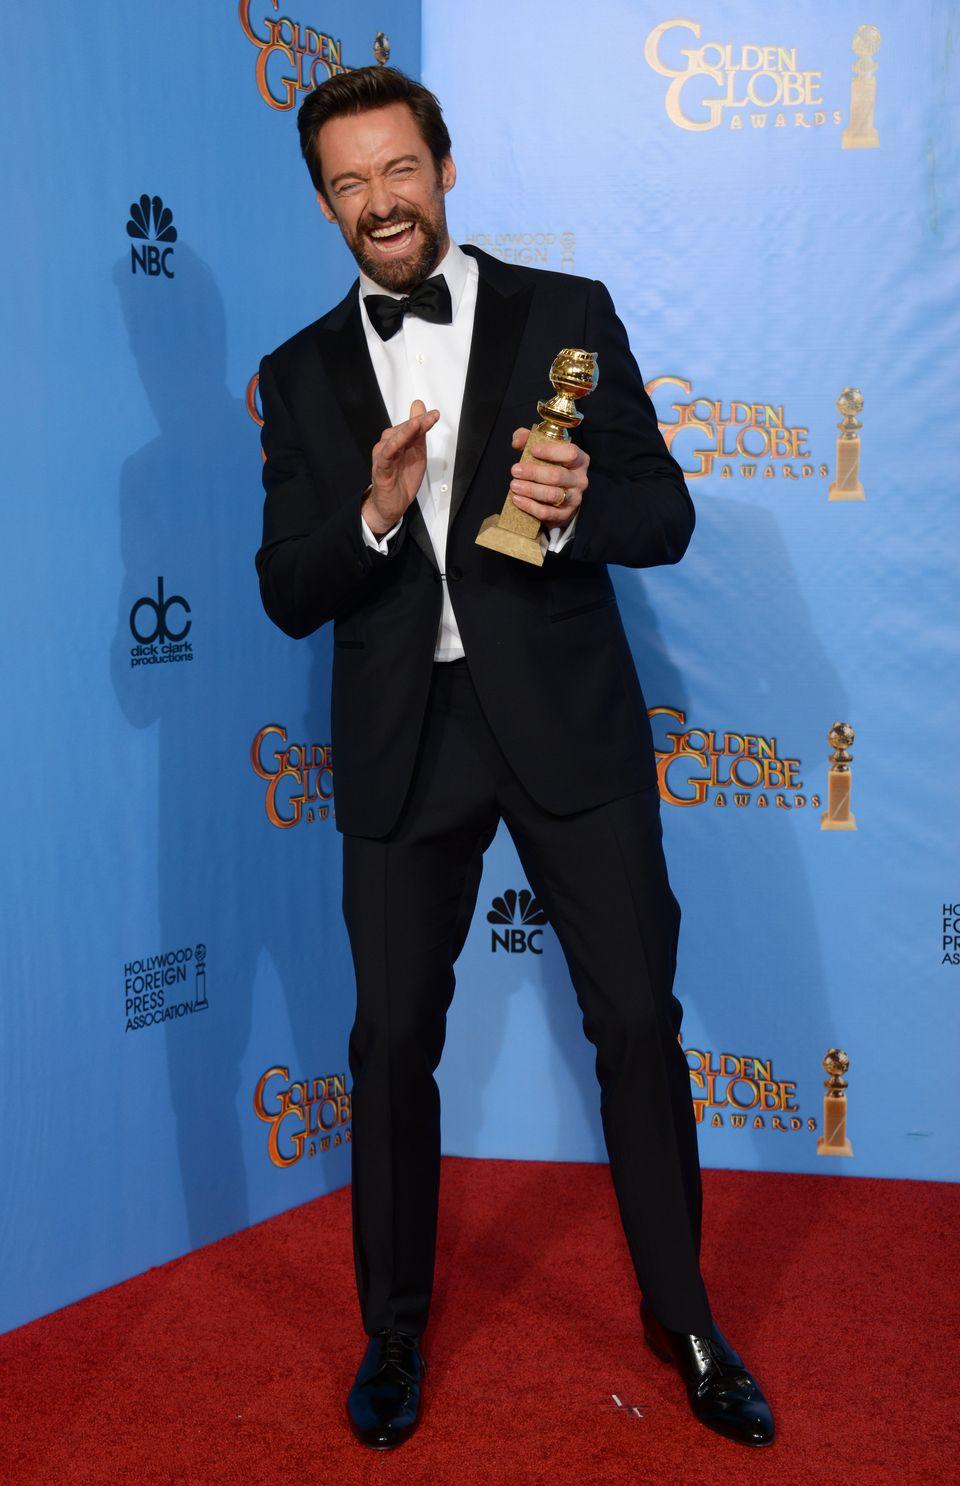 Hugh Jackman. O vencedor na categoria 'Melhor ator de comédia/musical' foi também um dos mais bem vestidos da noite. Vestindo um smoking tradicional, sem ousar nas cores nem nos tamanhos, Hugh fez bem em deixar o cavanhaque anos 90 para quebrar a seriedade.